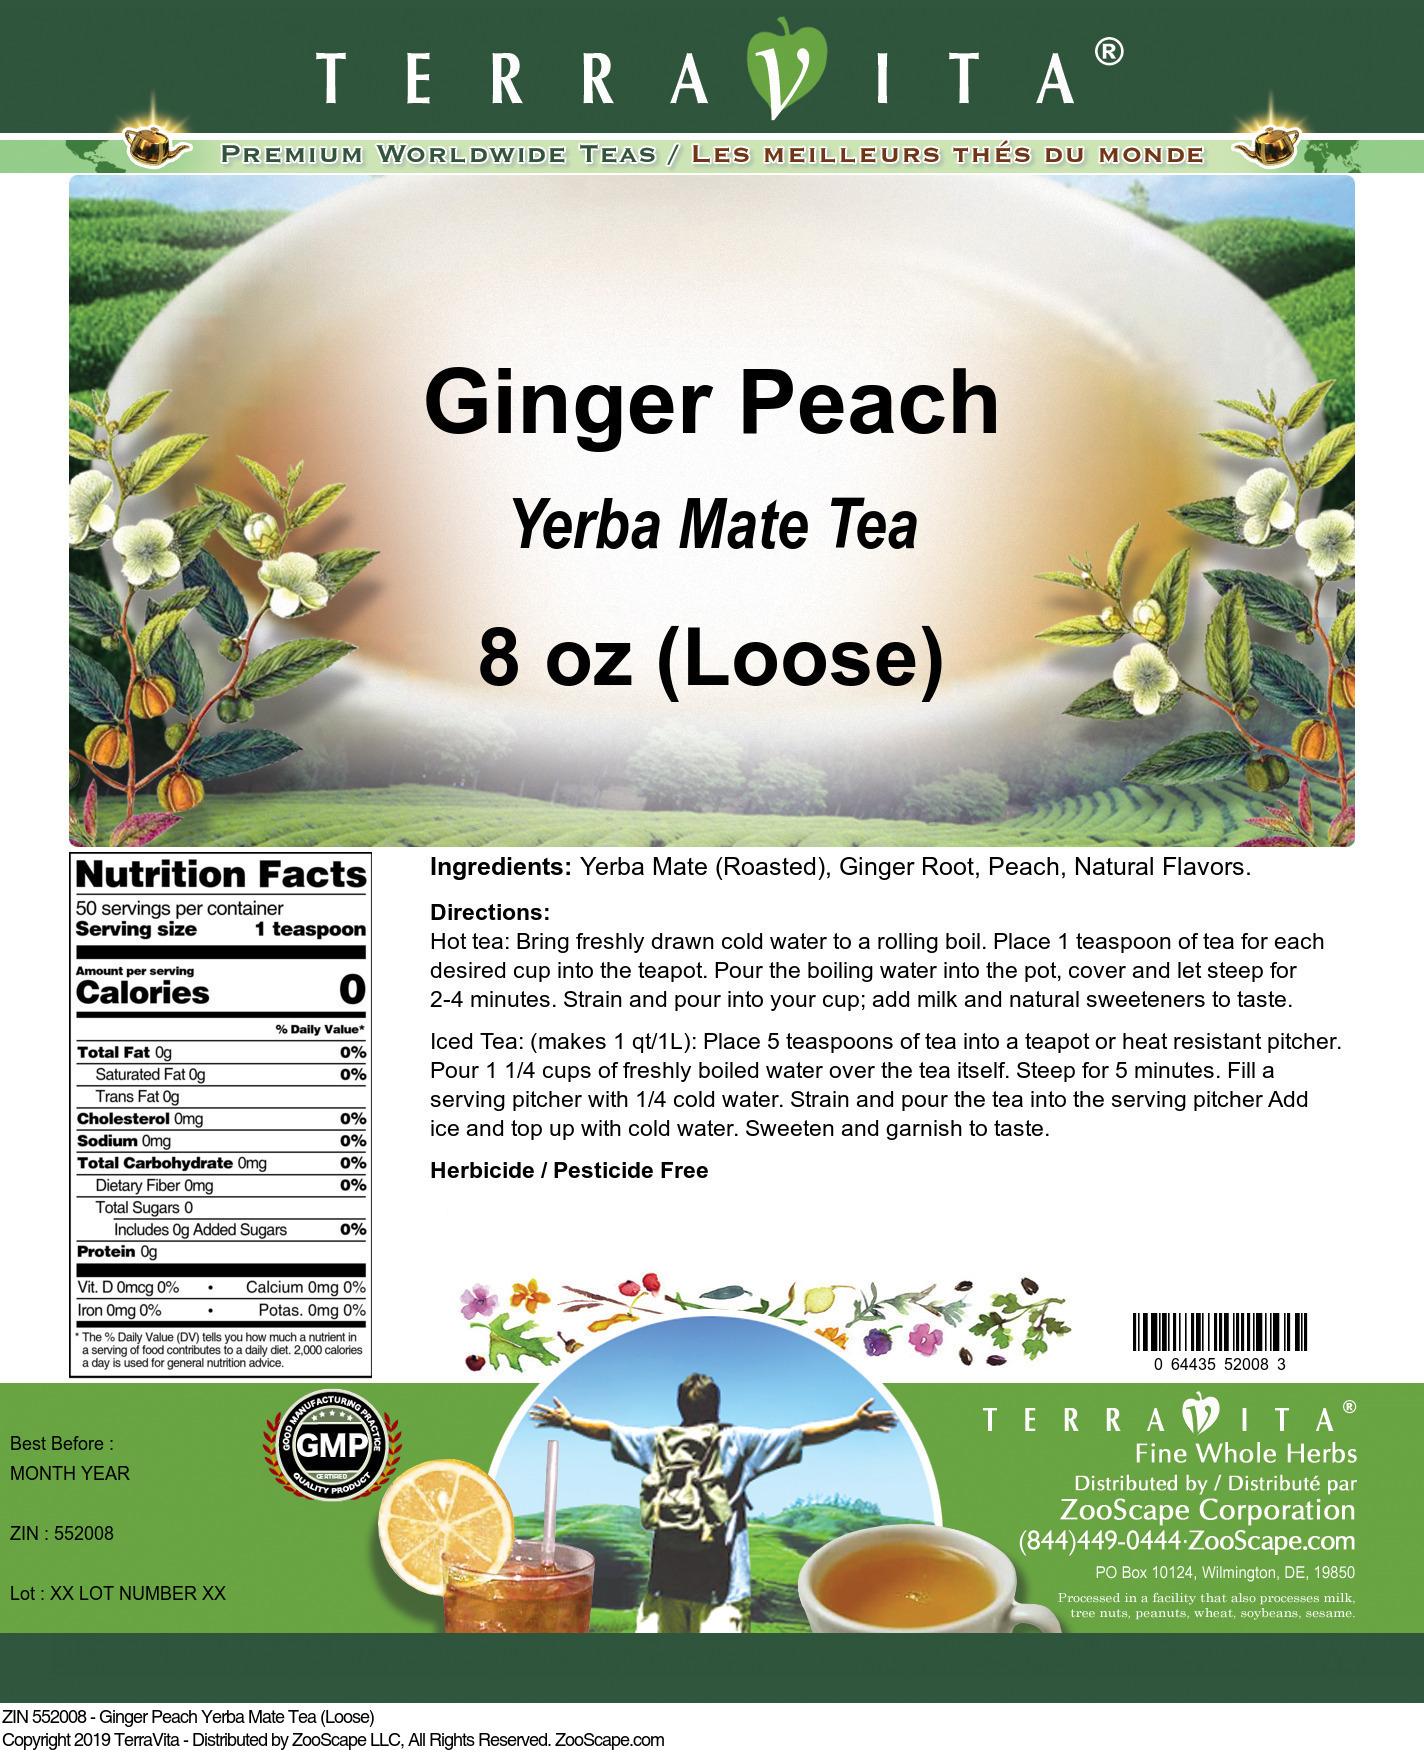 Ginger Peach Yerba Mate